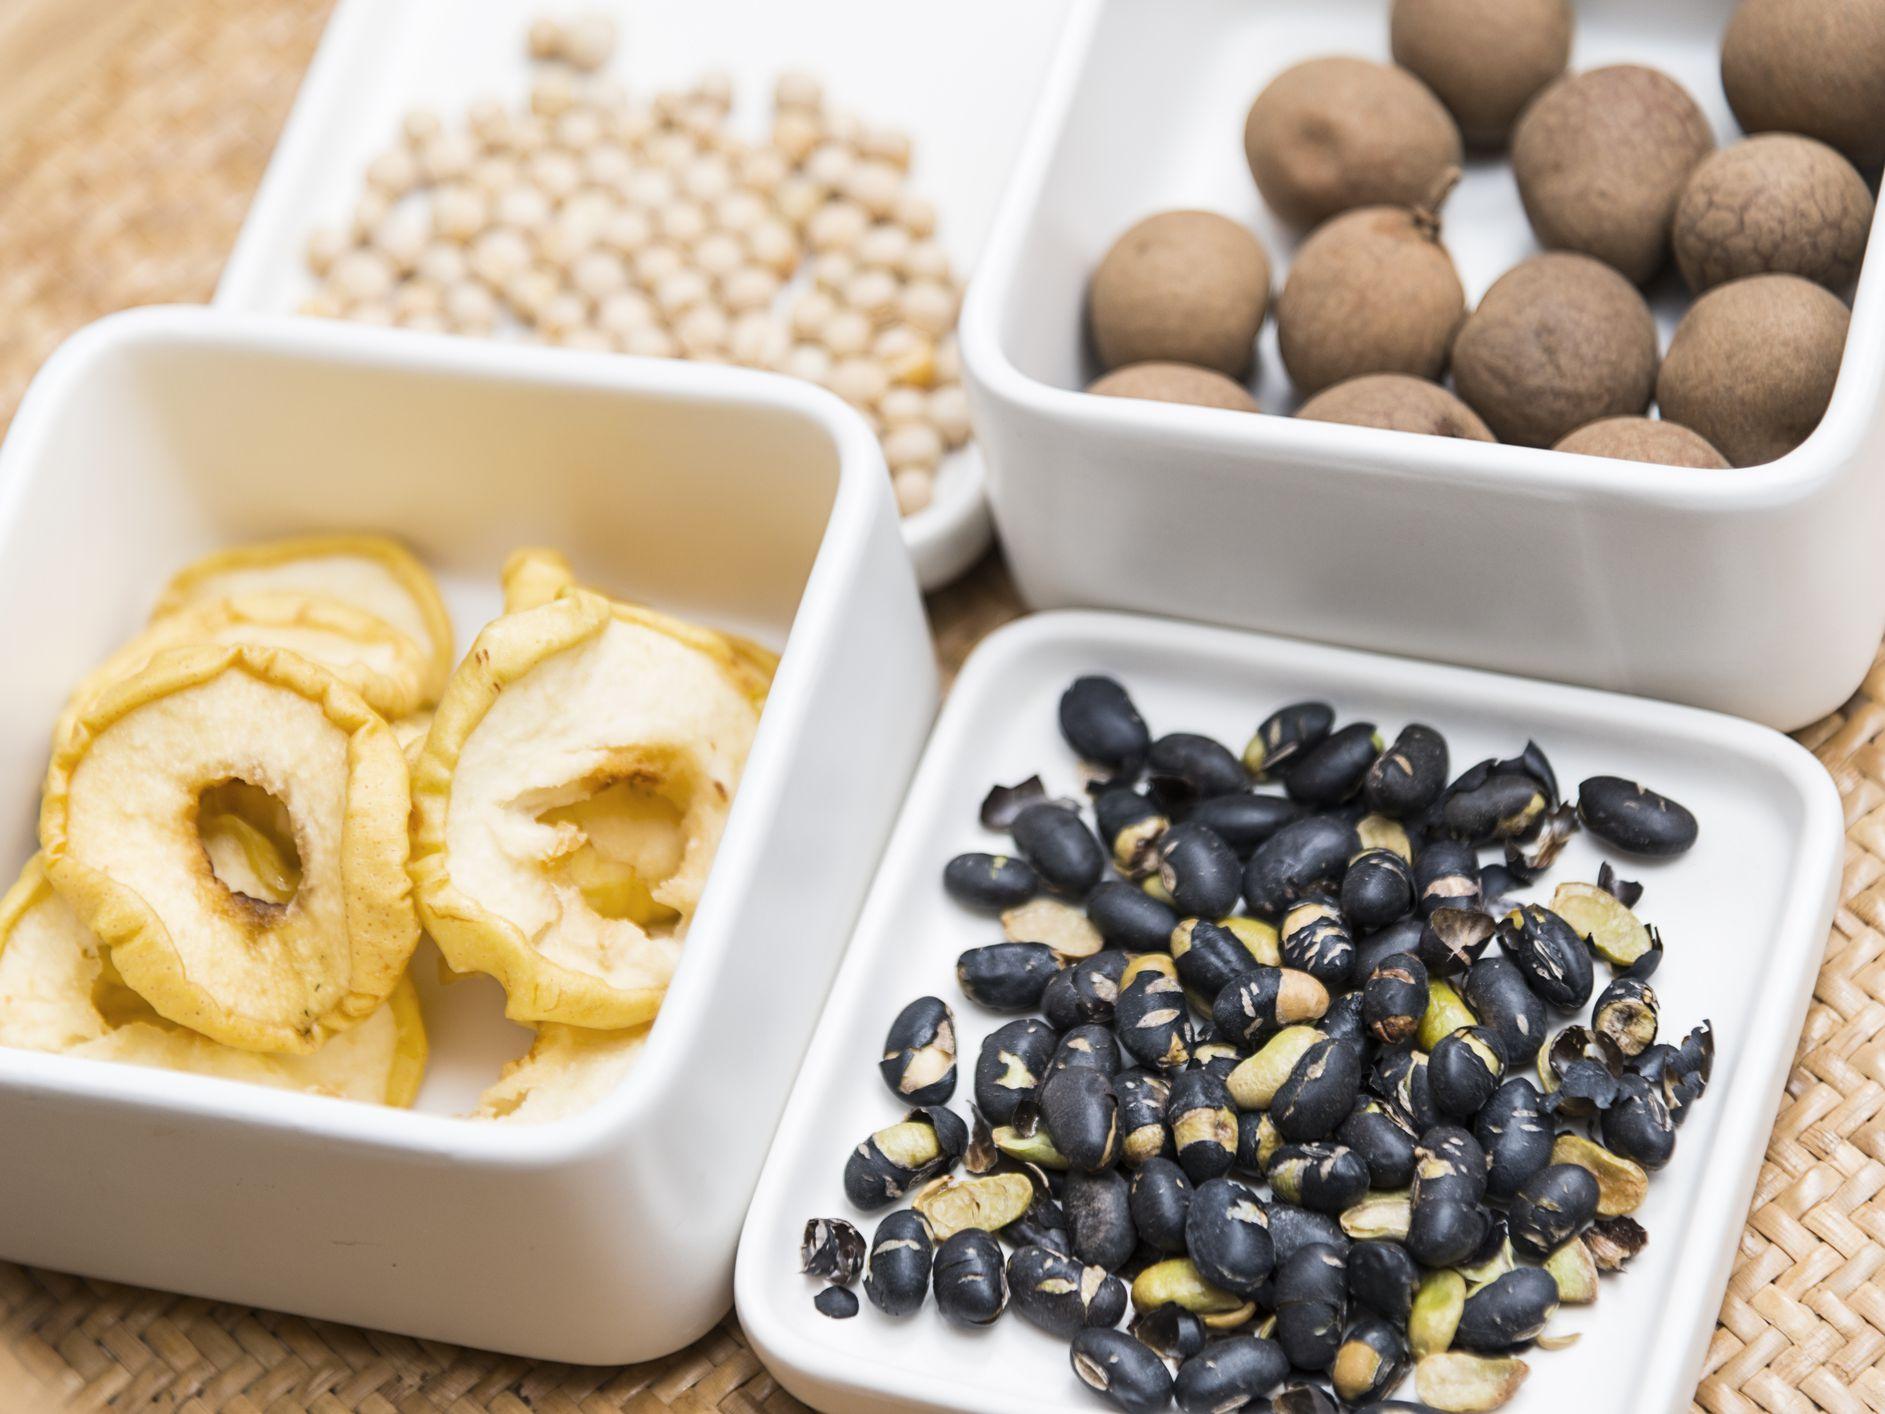 tratamiento de diabetes glicemico de frutas alto indice